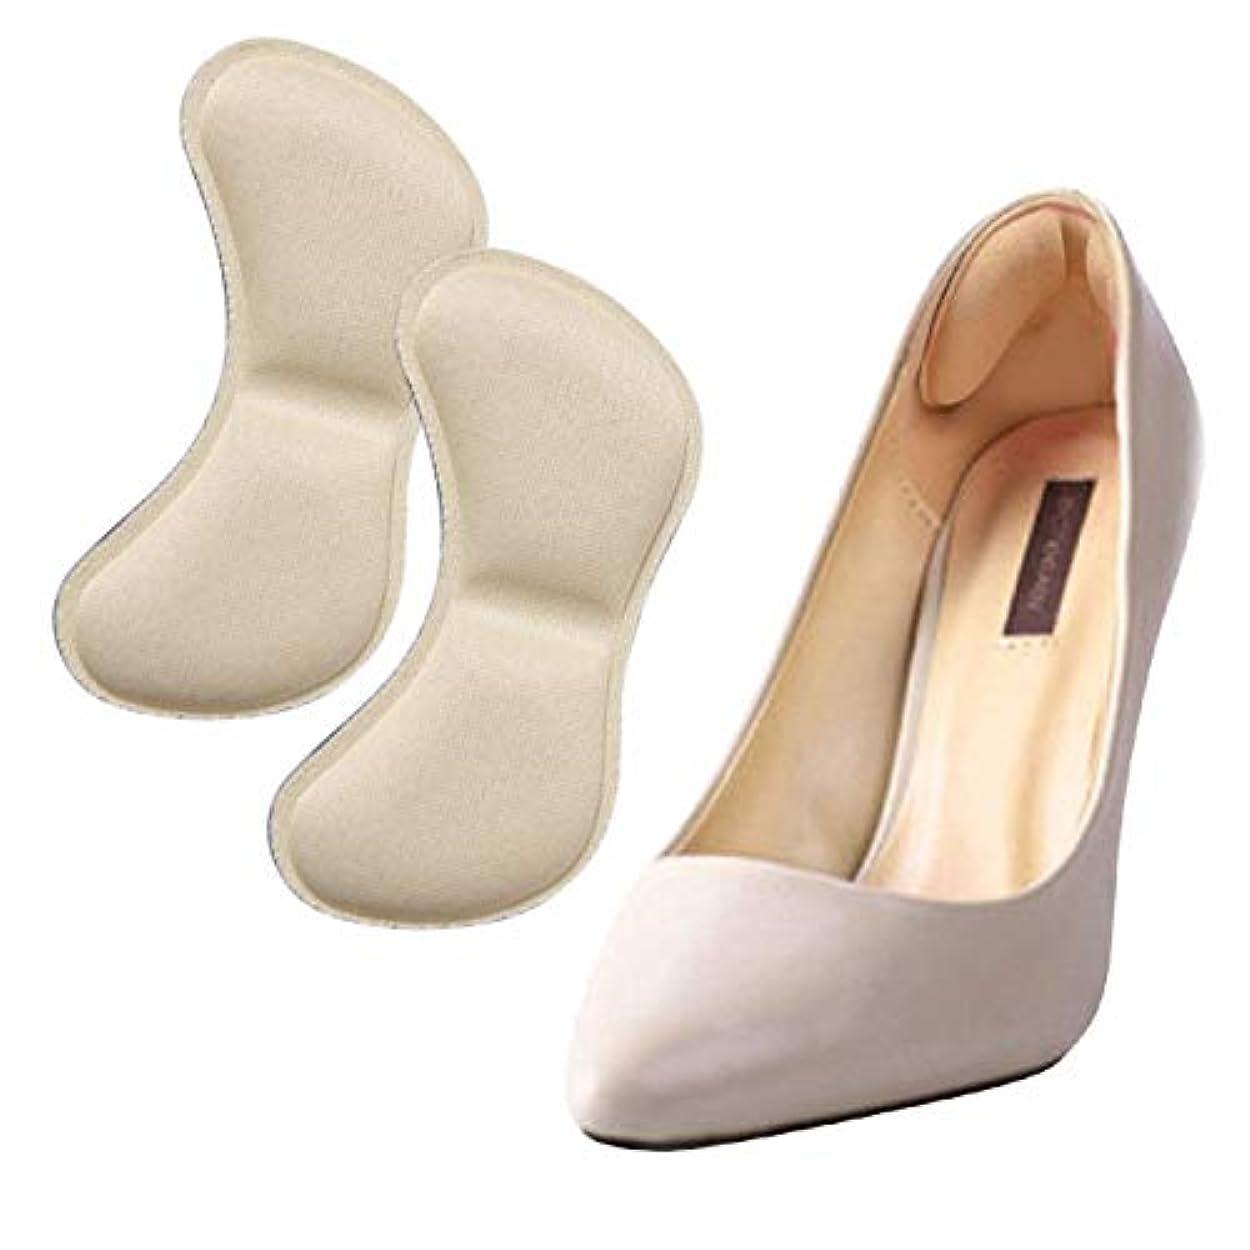 聖域マリン吹きさらしsac taske かかとパッド レディース 靴ずれ 防止 パッド かかと 足用 ヒール 保護 10足 (ベージュ 10足セット)